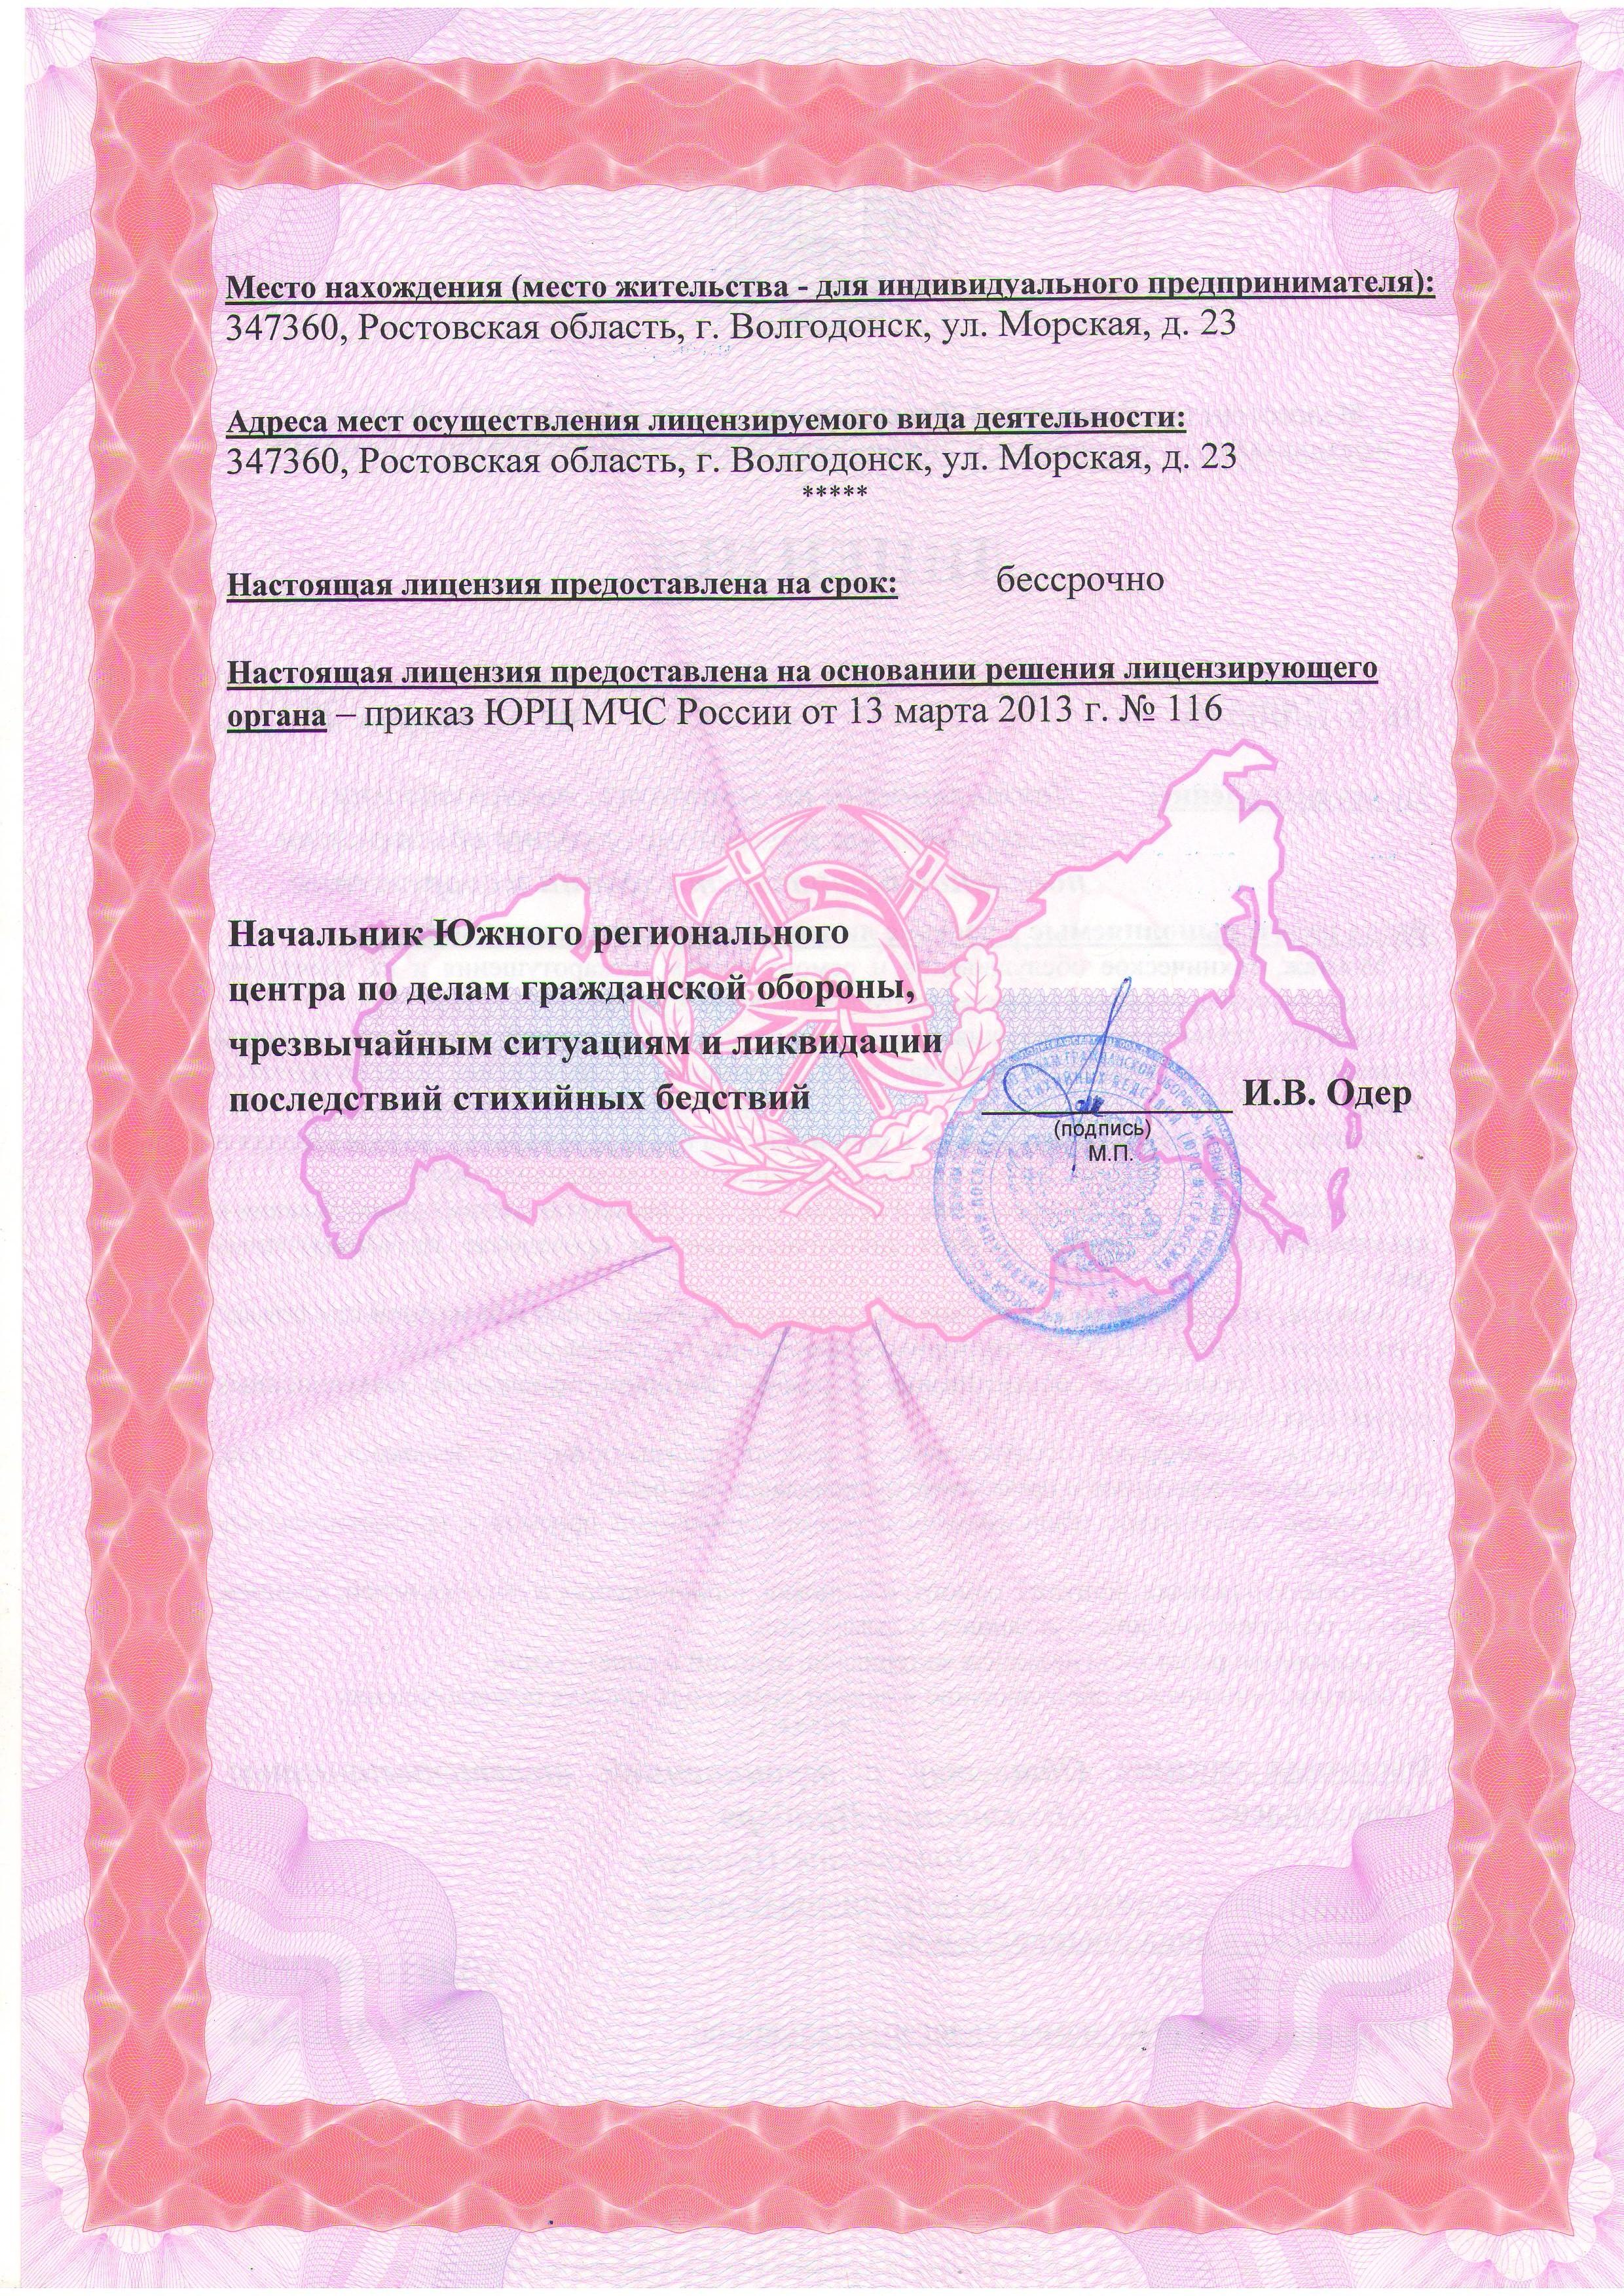 2 страница образца лицензии МЧС